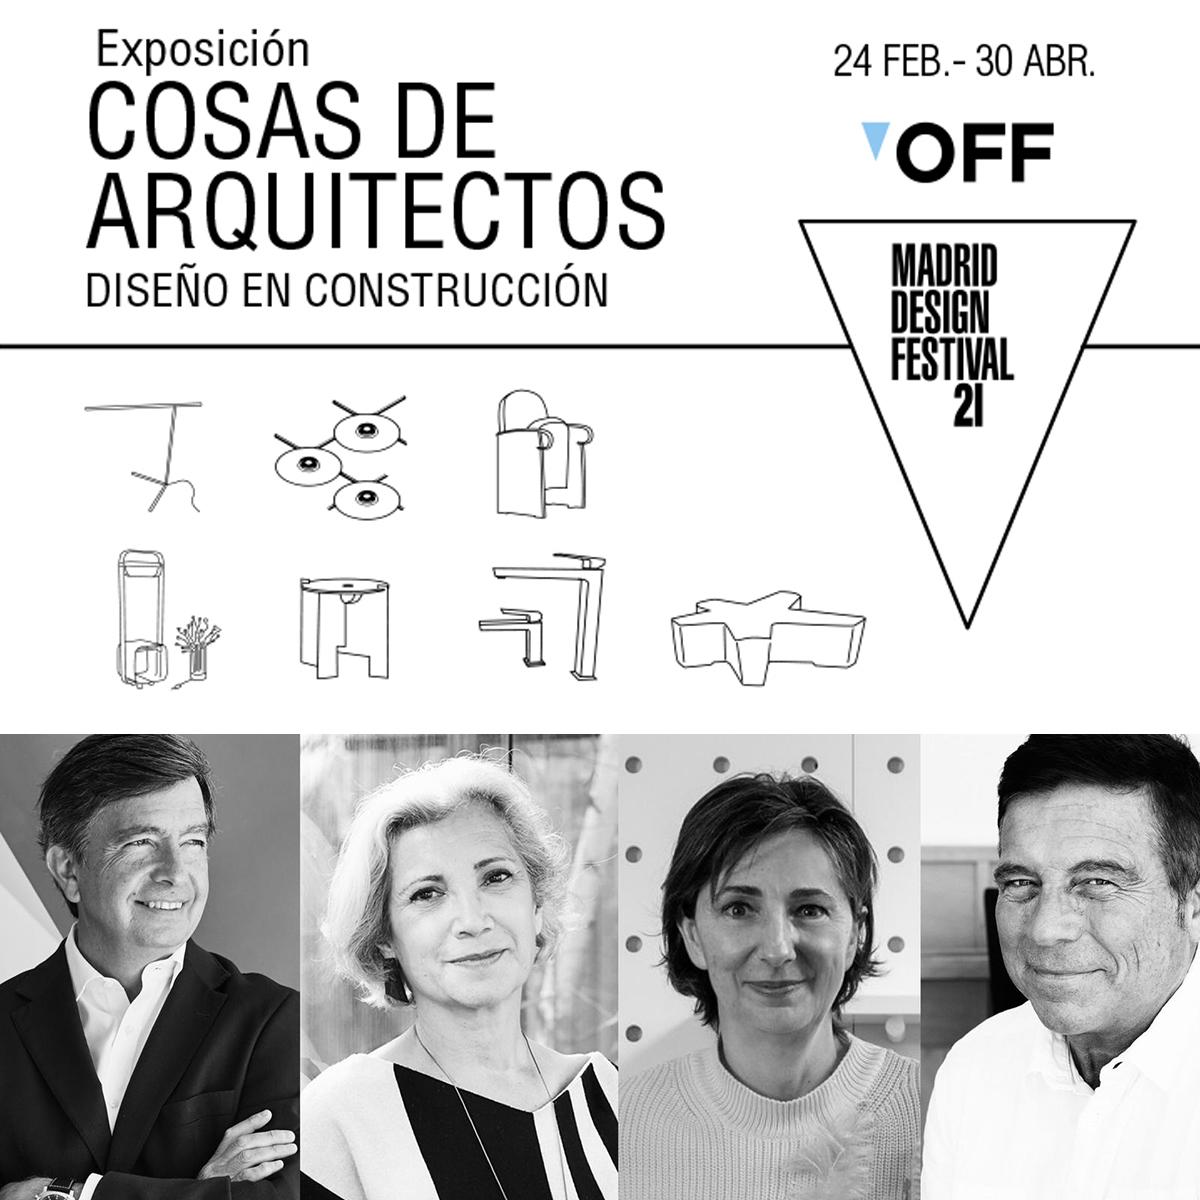 exposición Cosas de Arquitectos, diseño en construccion en ICONNO Jorge Juan Madrid MDF21